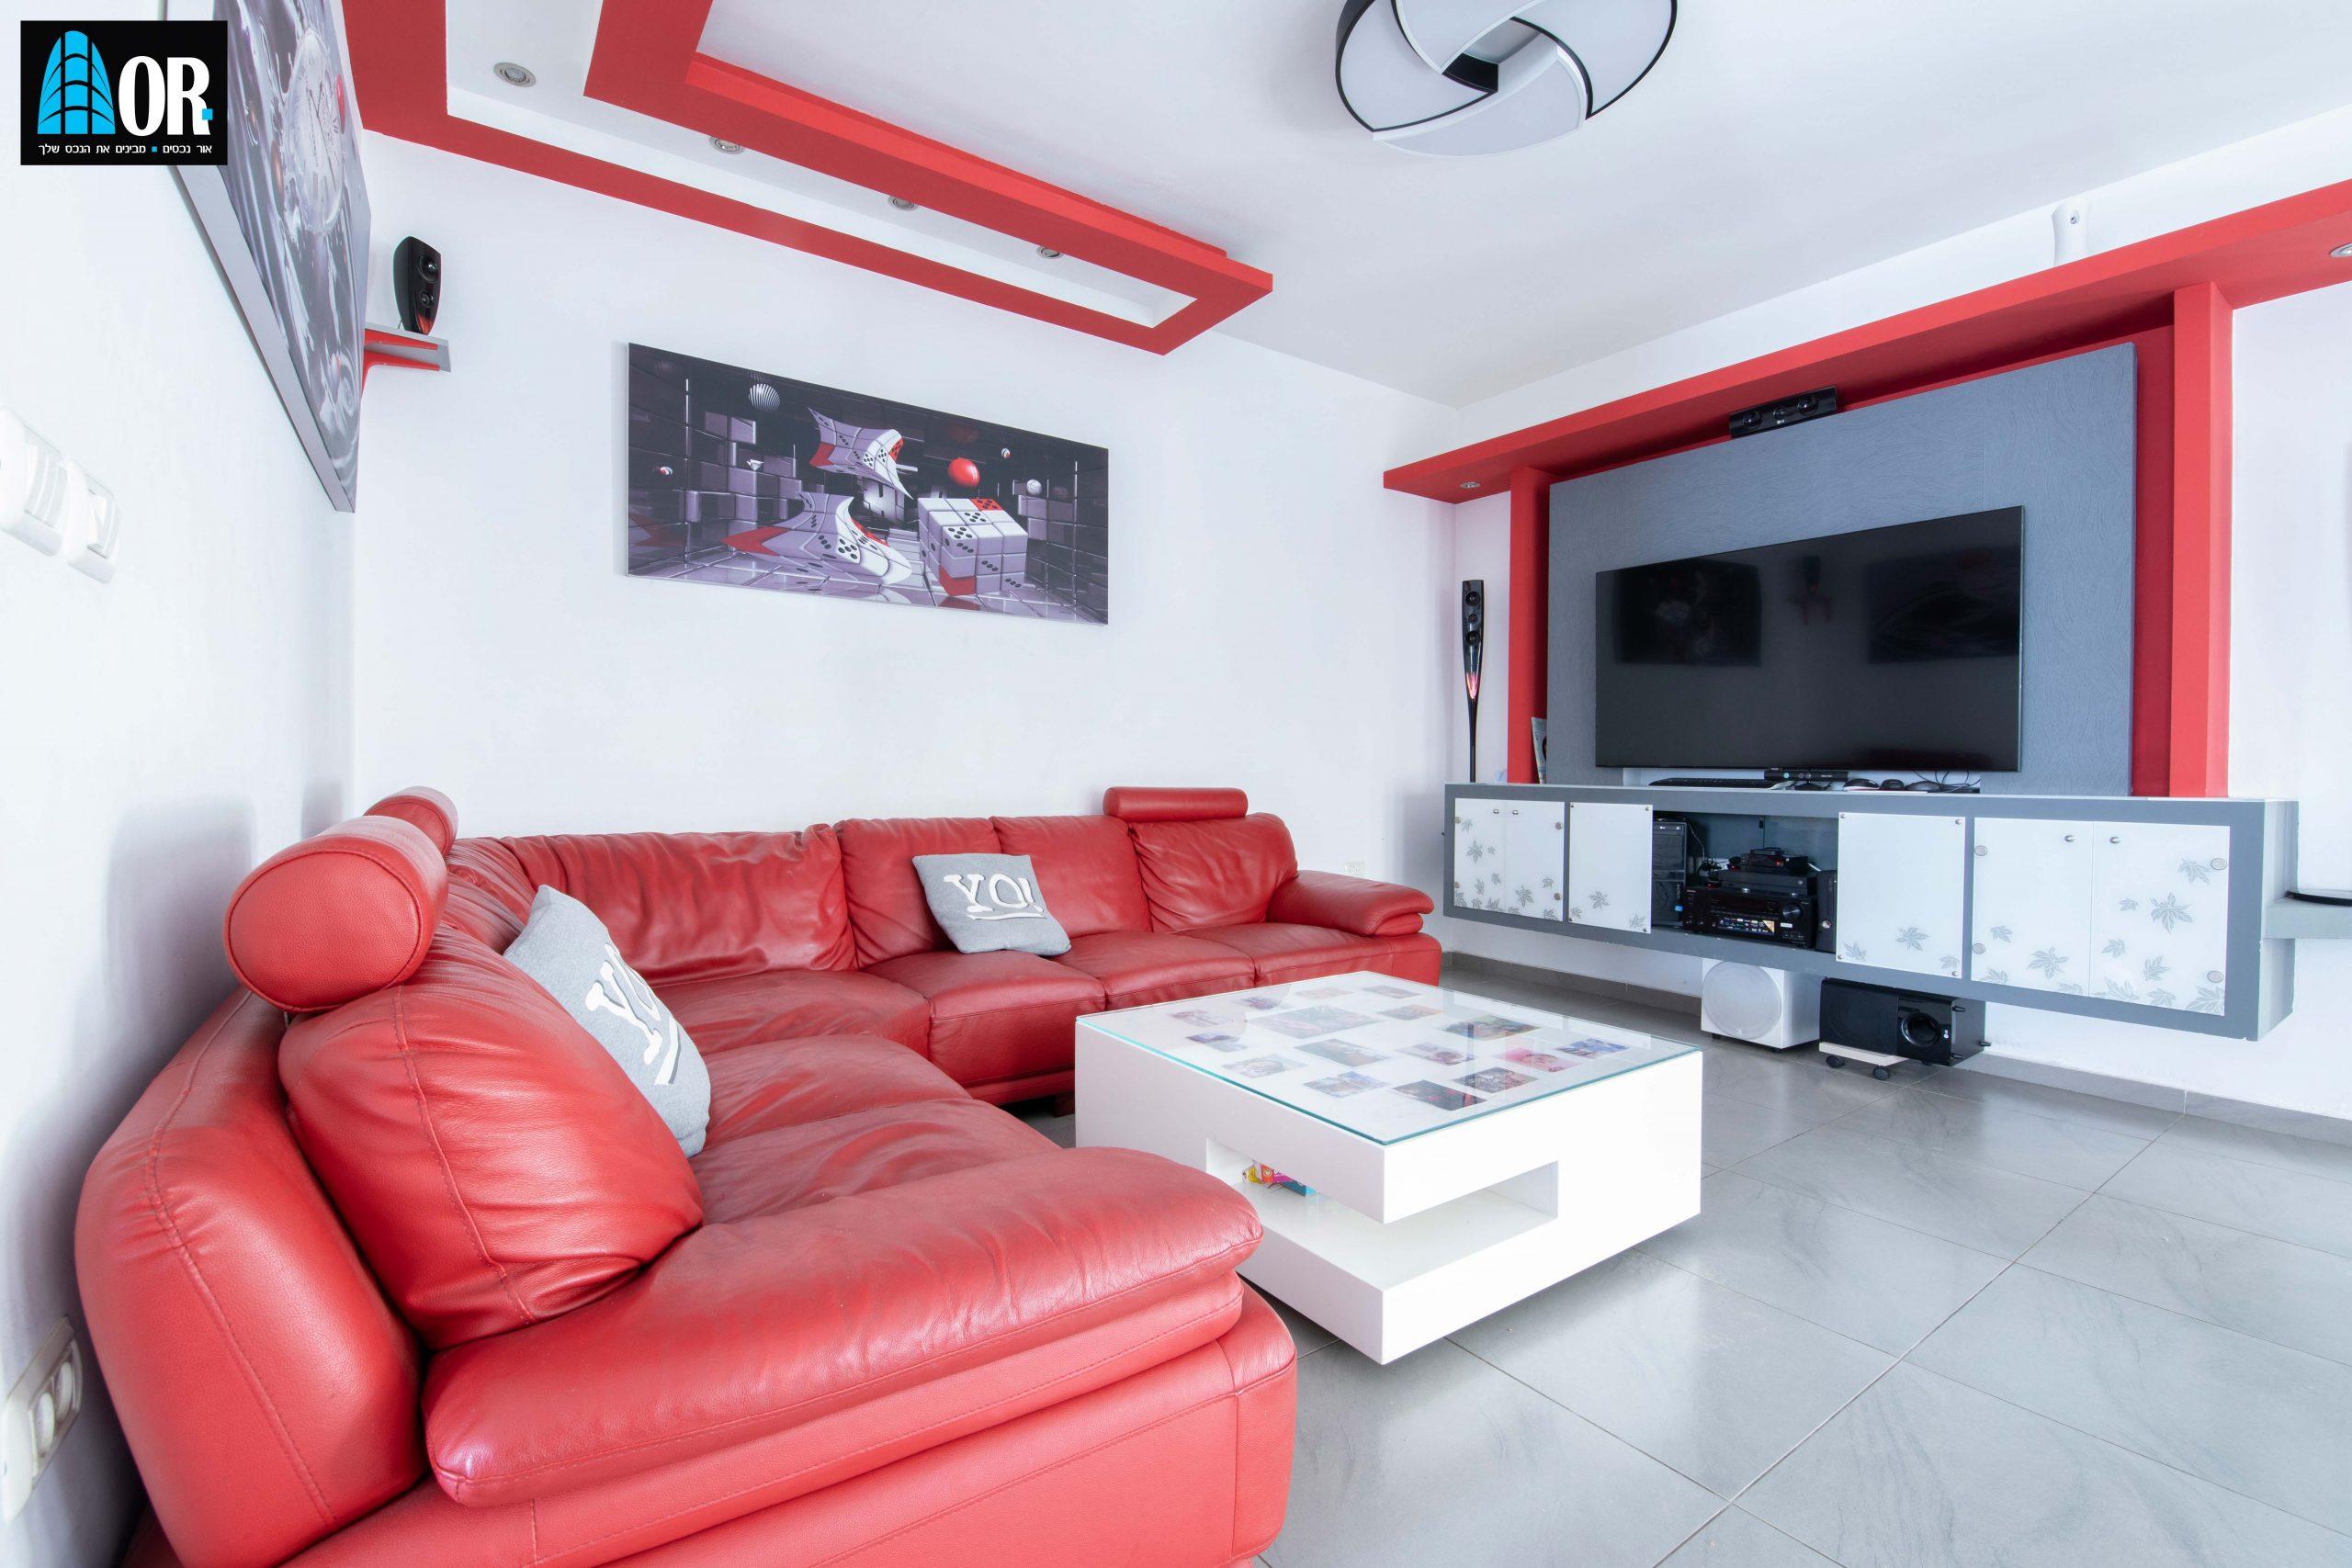 סלון דו משפחתי 7.5 חדרים, שכונה גני מנחם